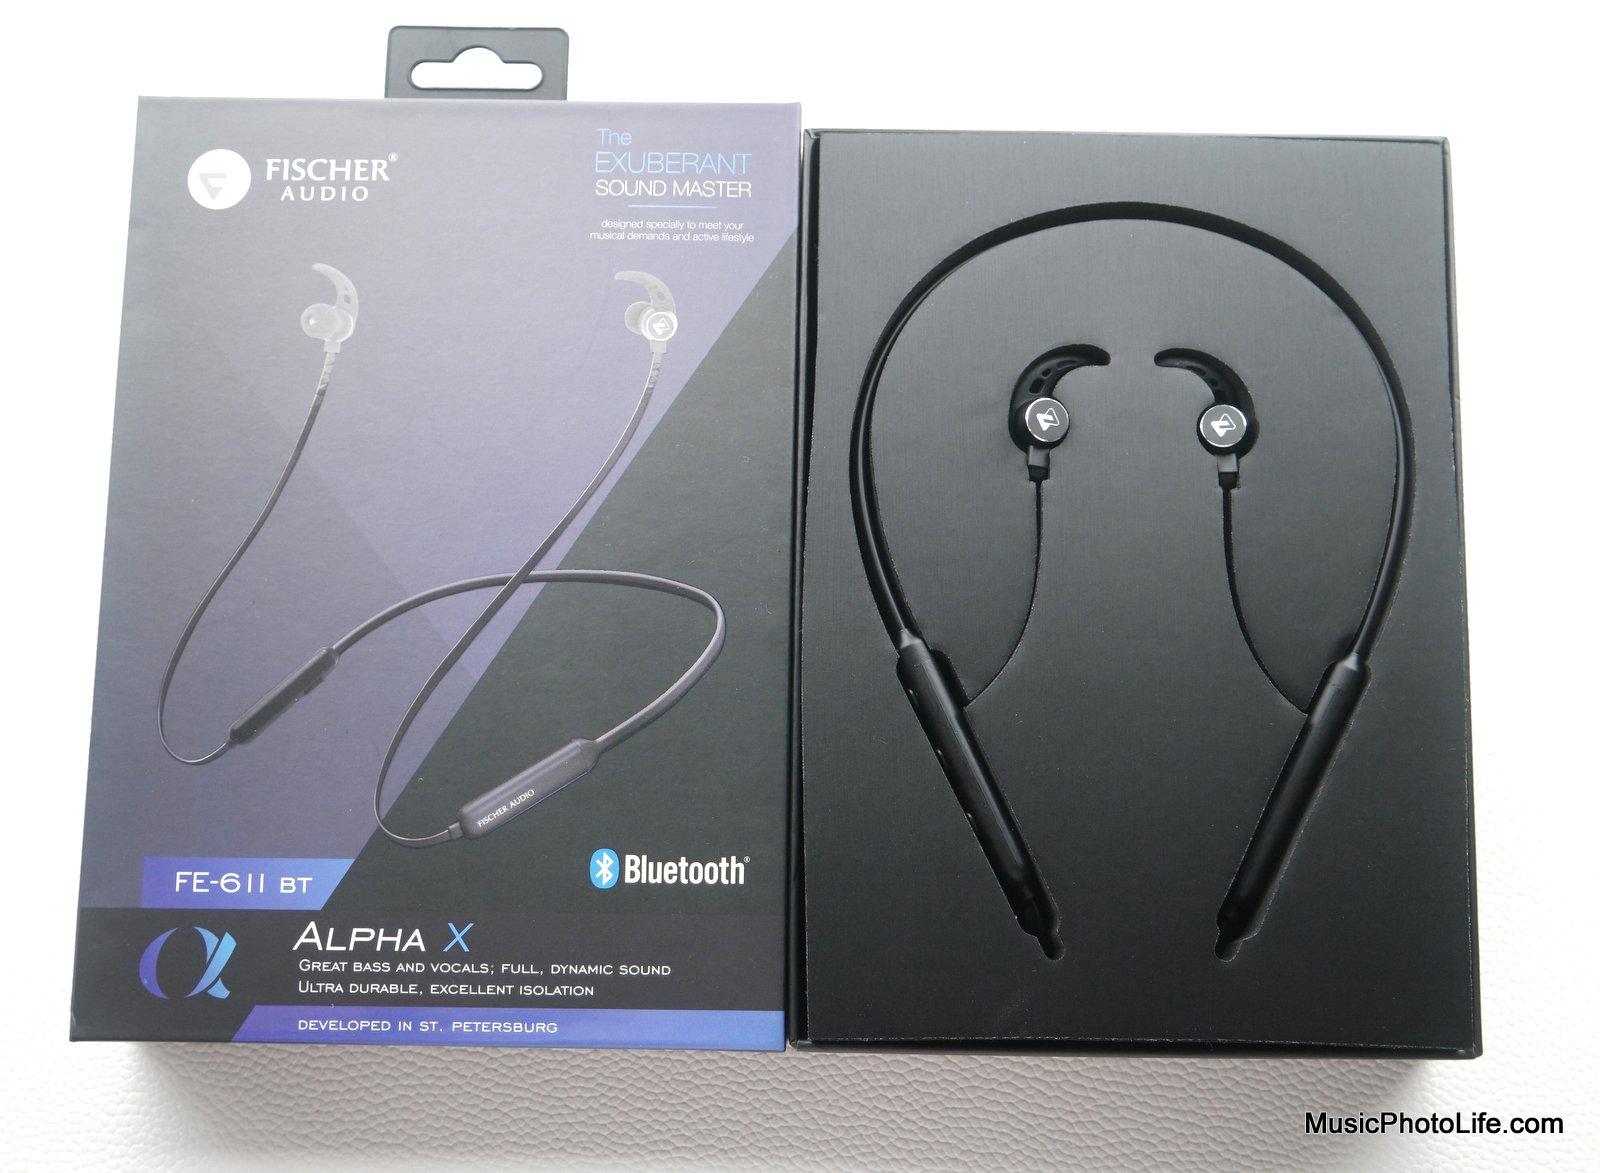 Fischer Audio Alpha X FE-611BT retail box